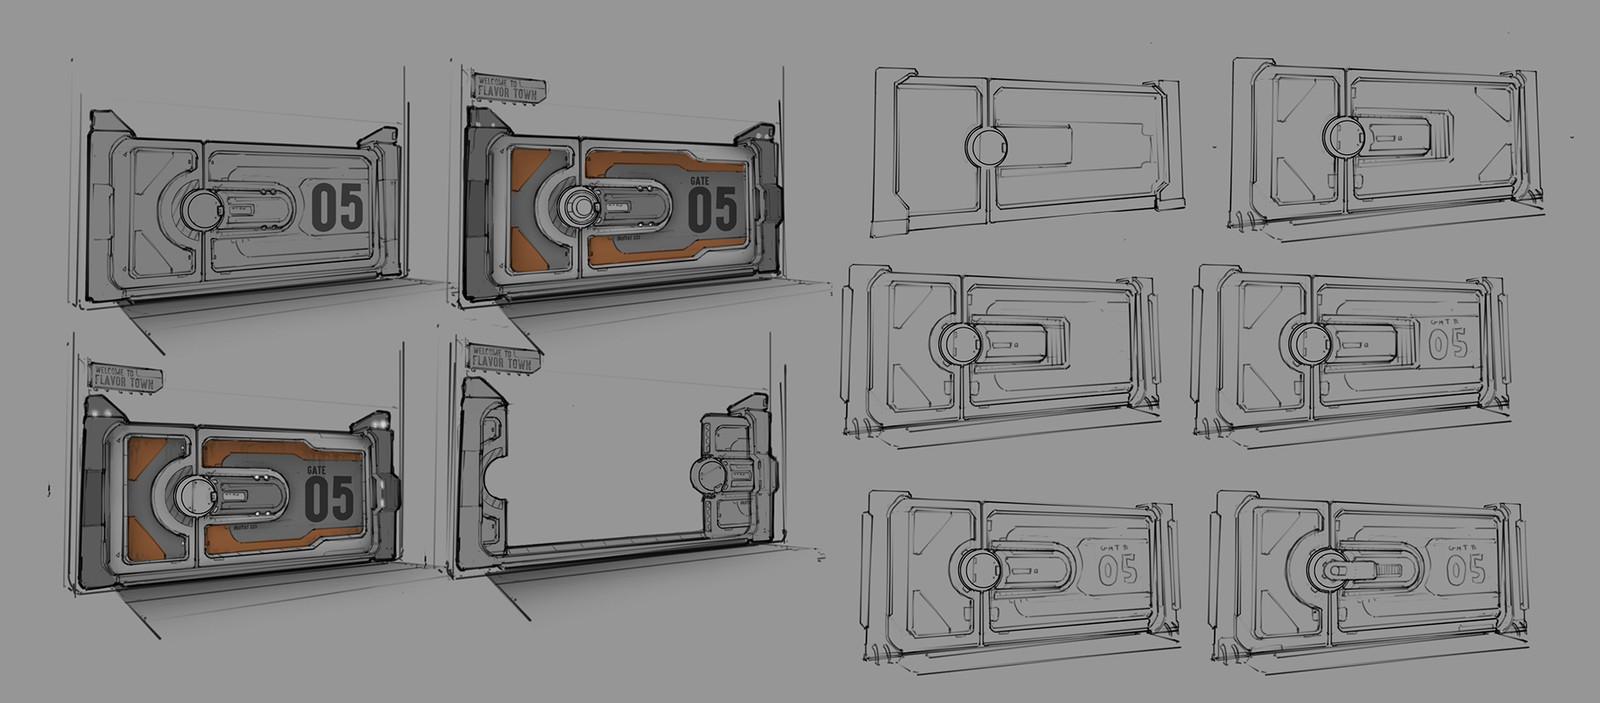 Initial door concepts